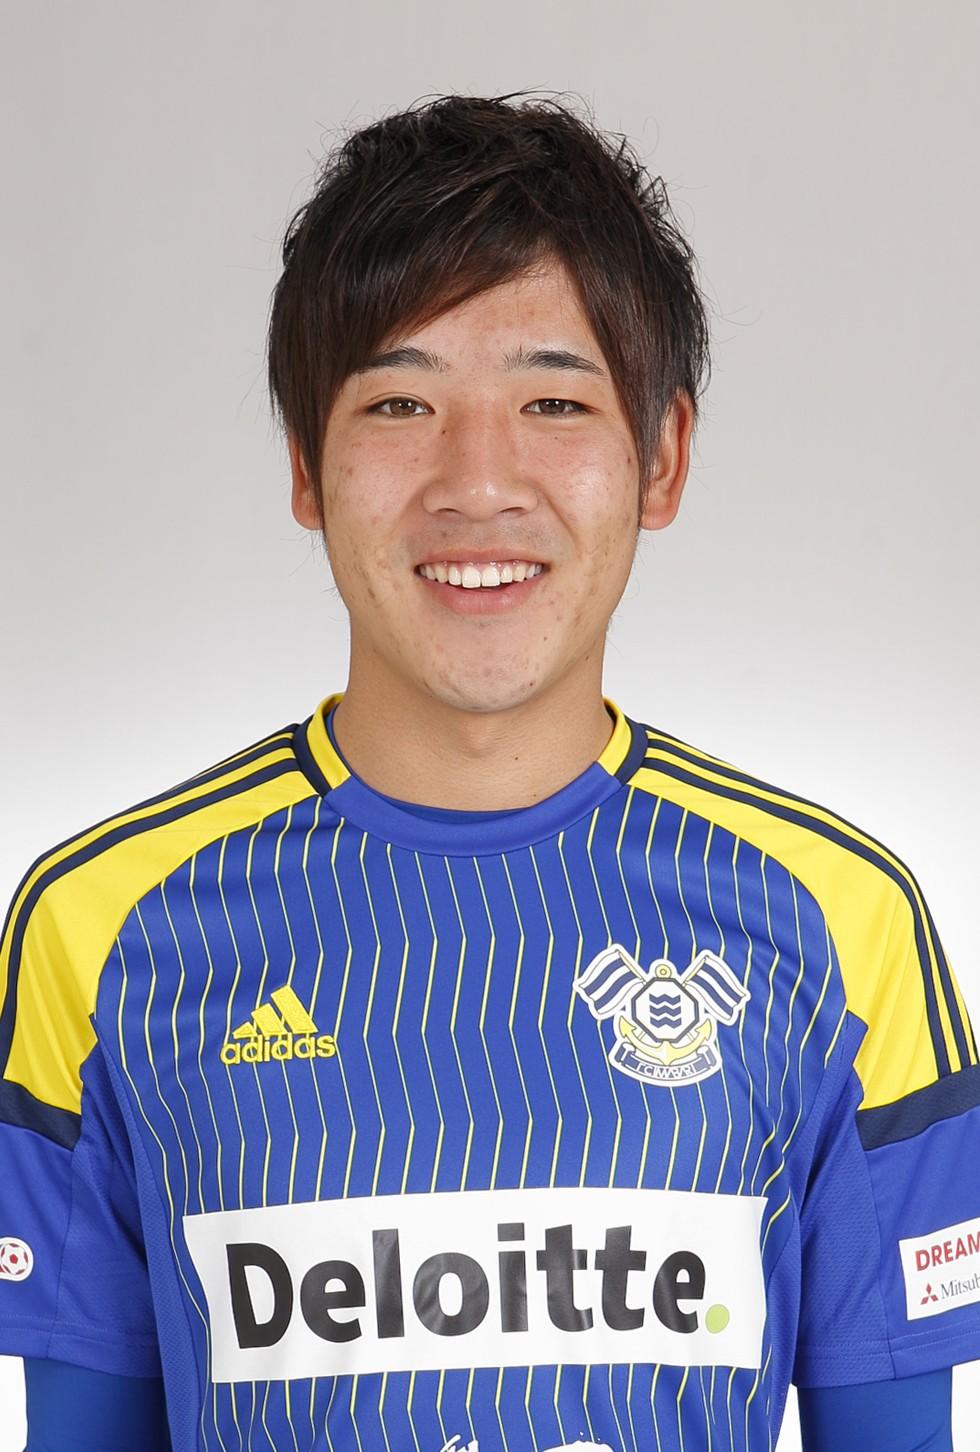 S_18_Masahito_Onoda.JPG